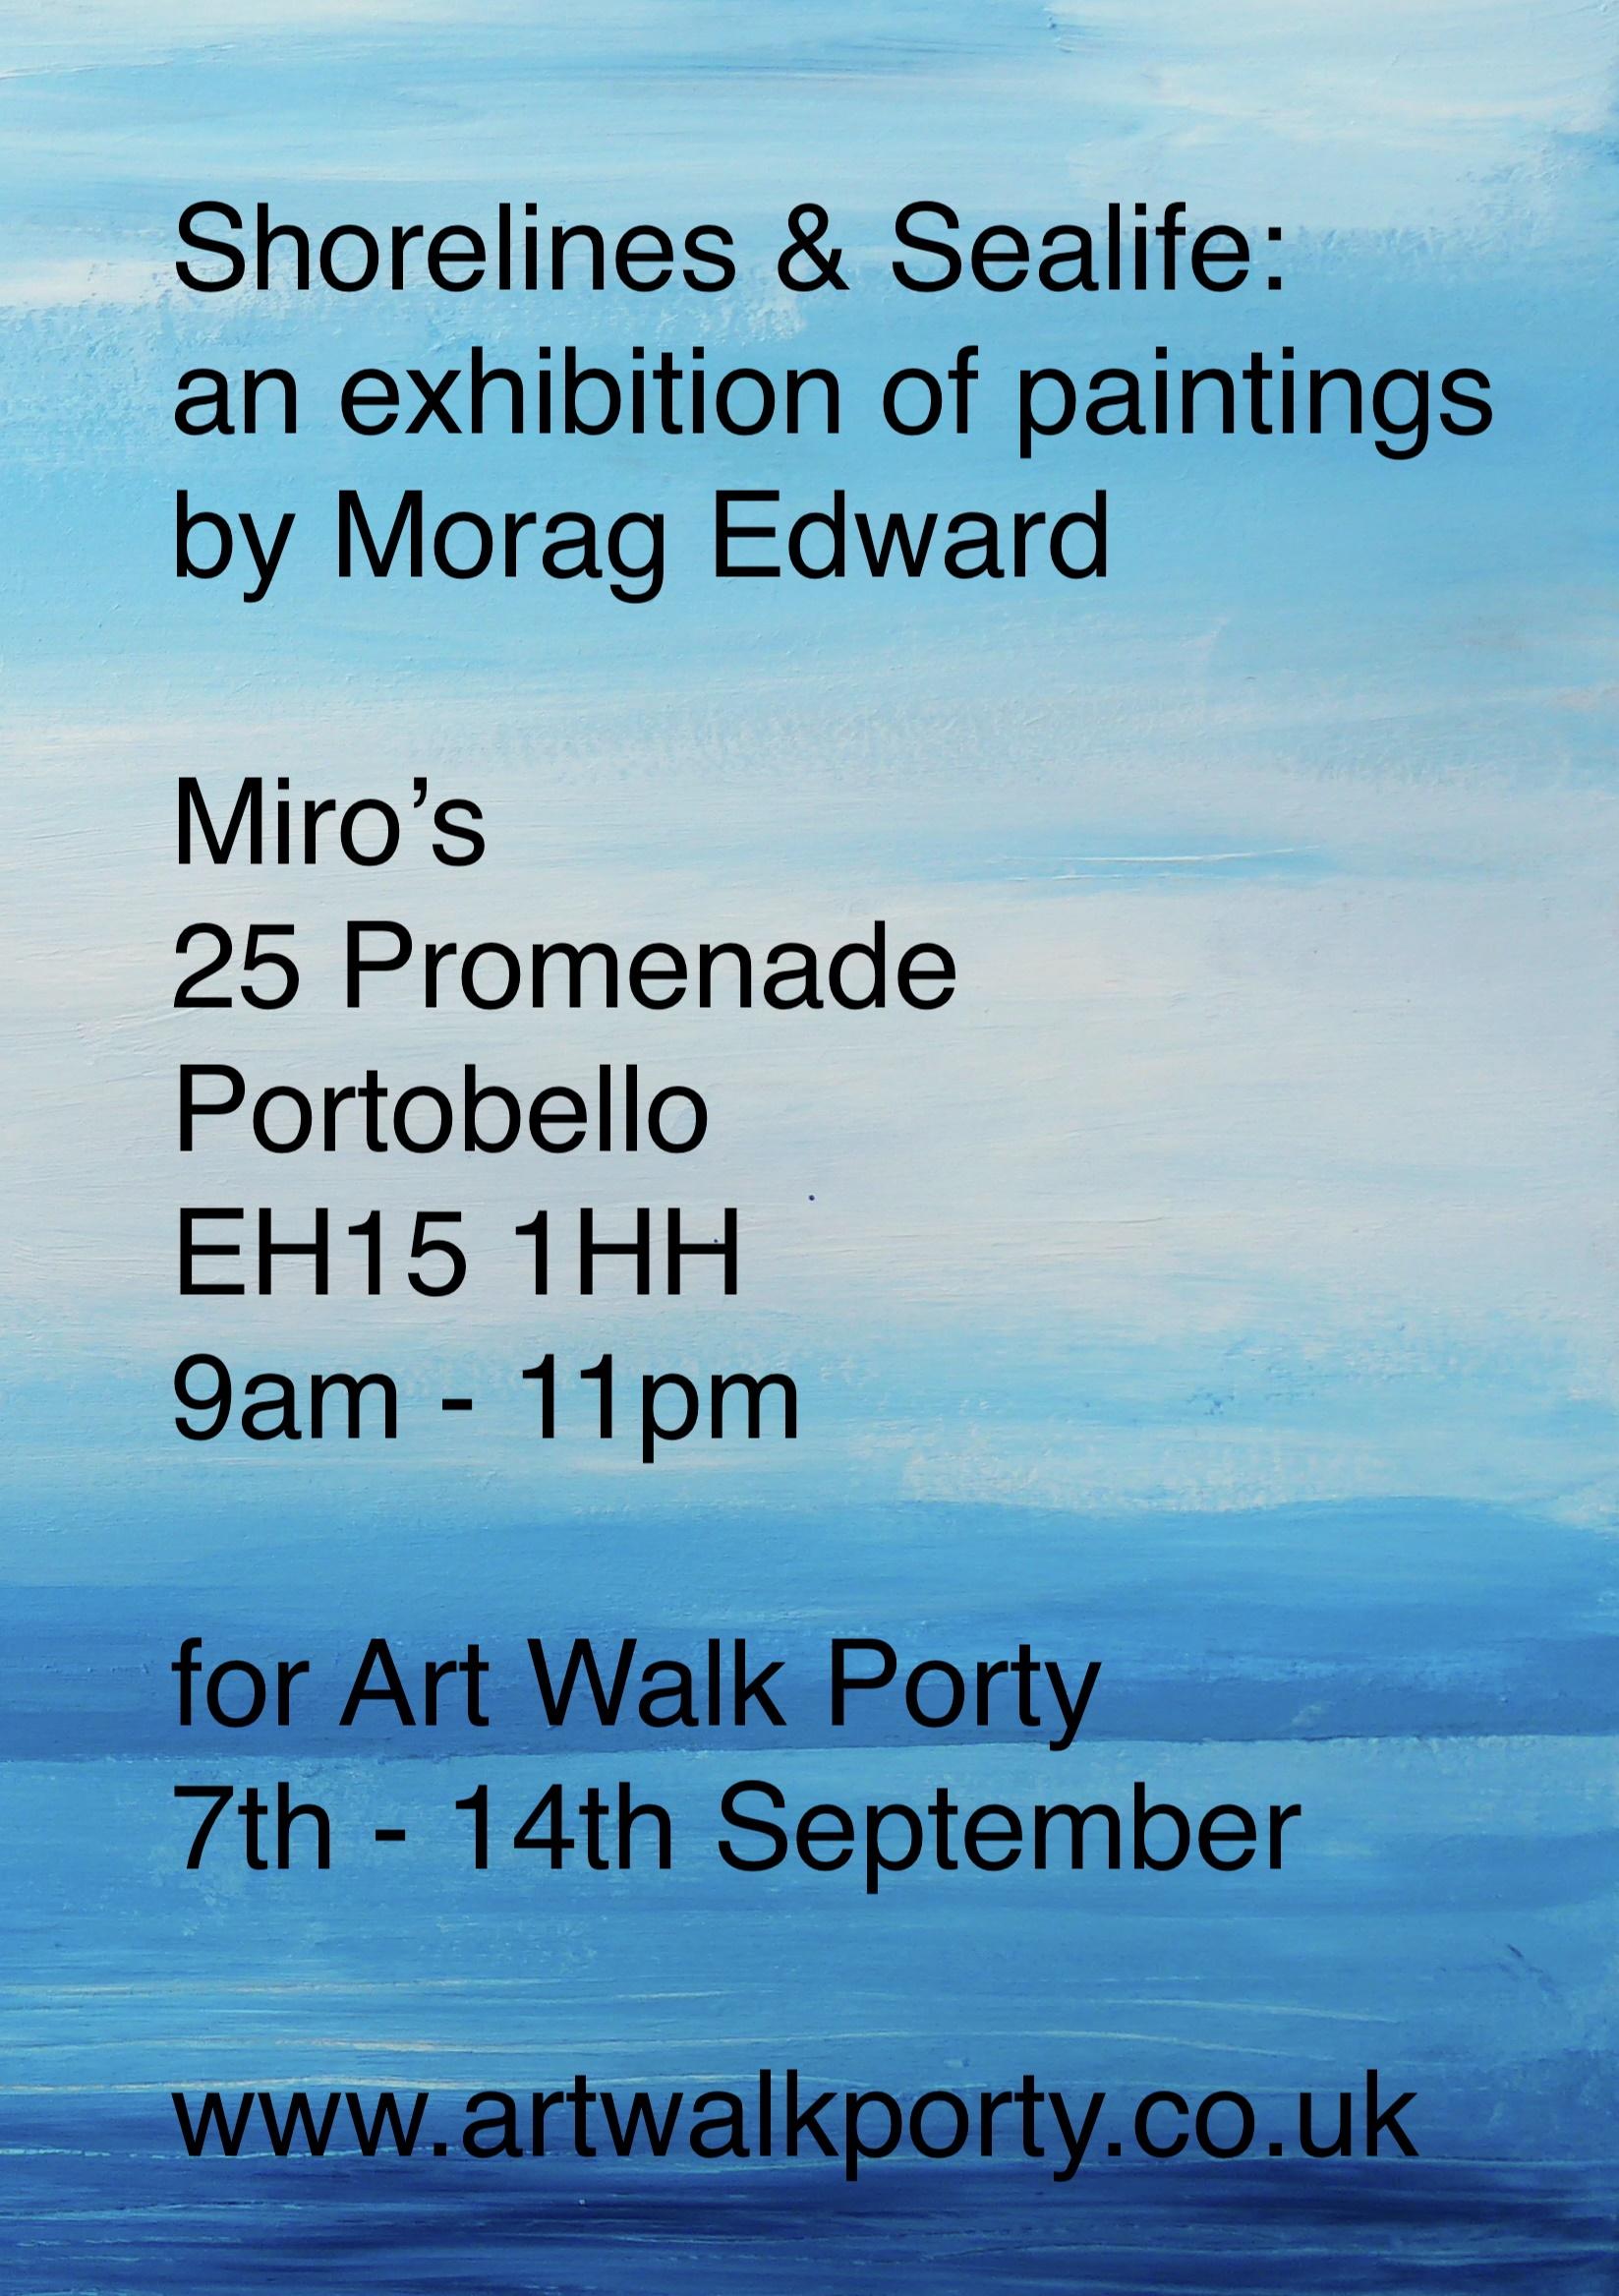 Invitation for exhibition